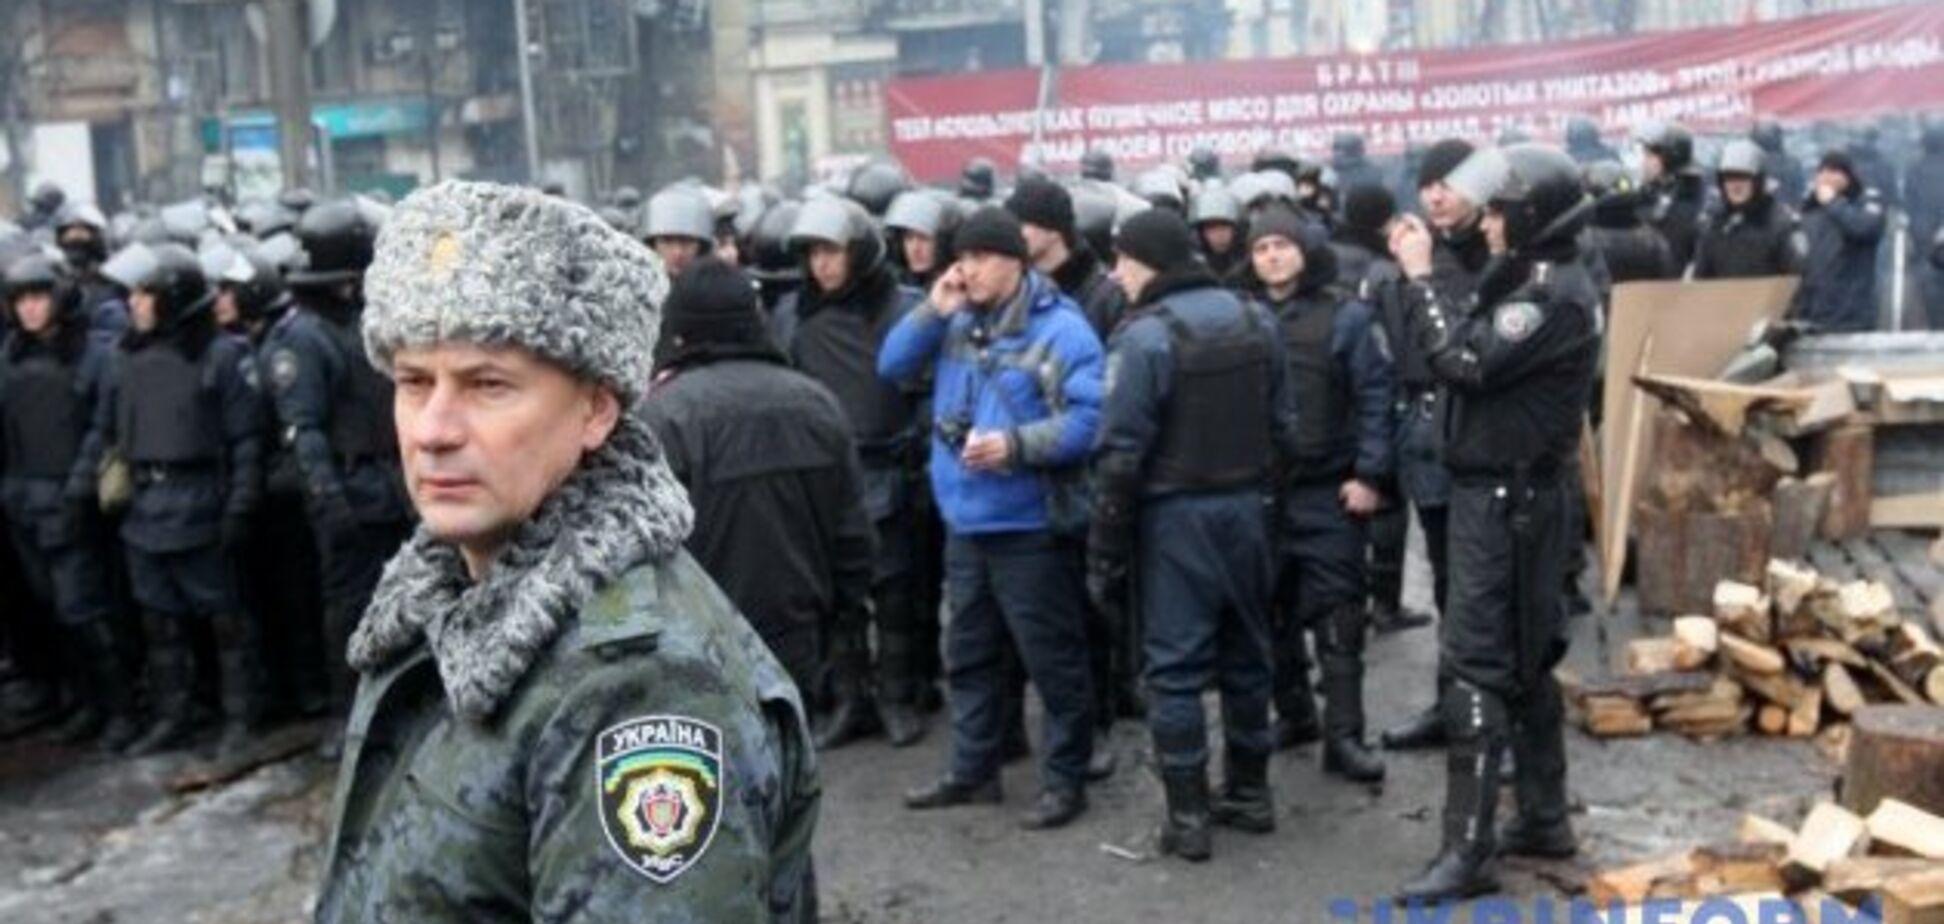 Розстріли на Майдані: екс-командувач розповів, які накази віддавав силовикам